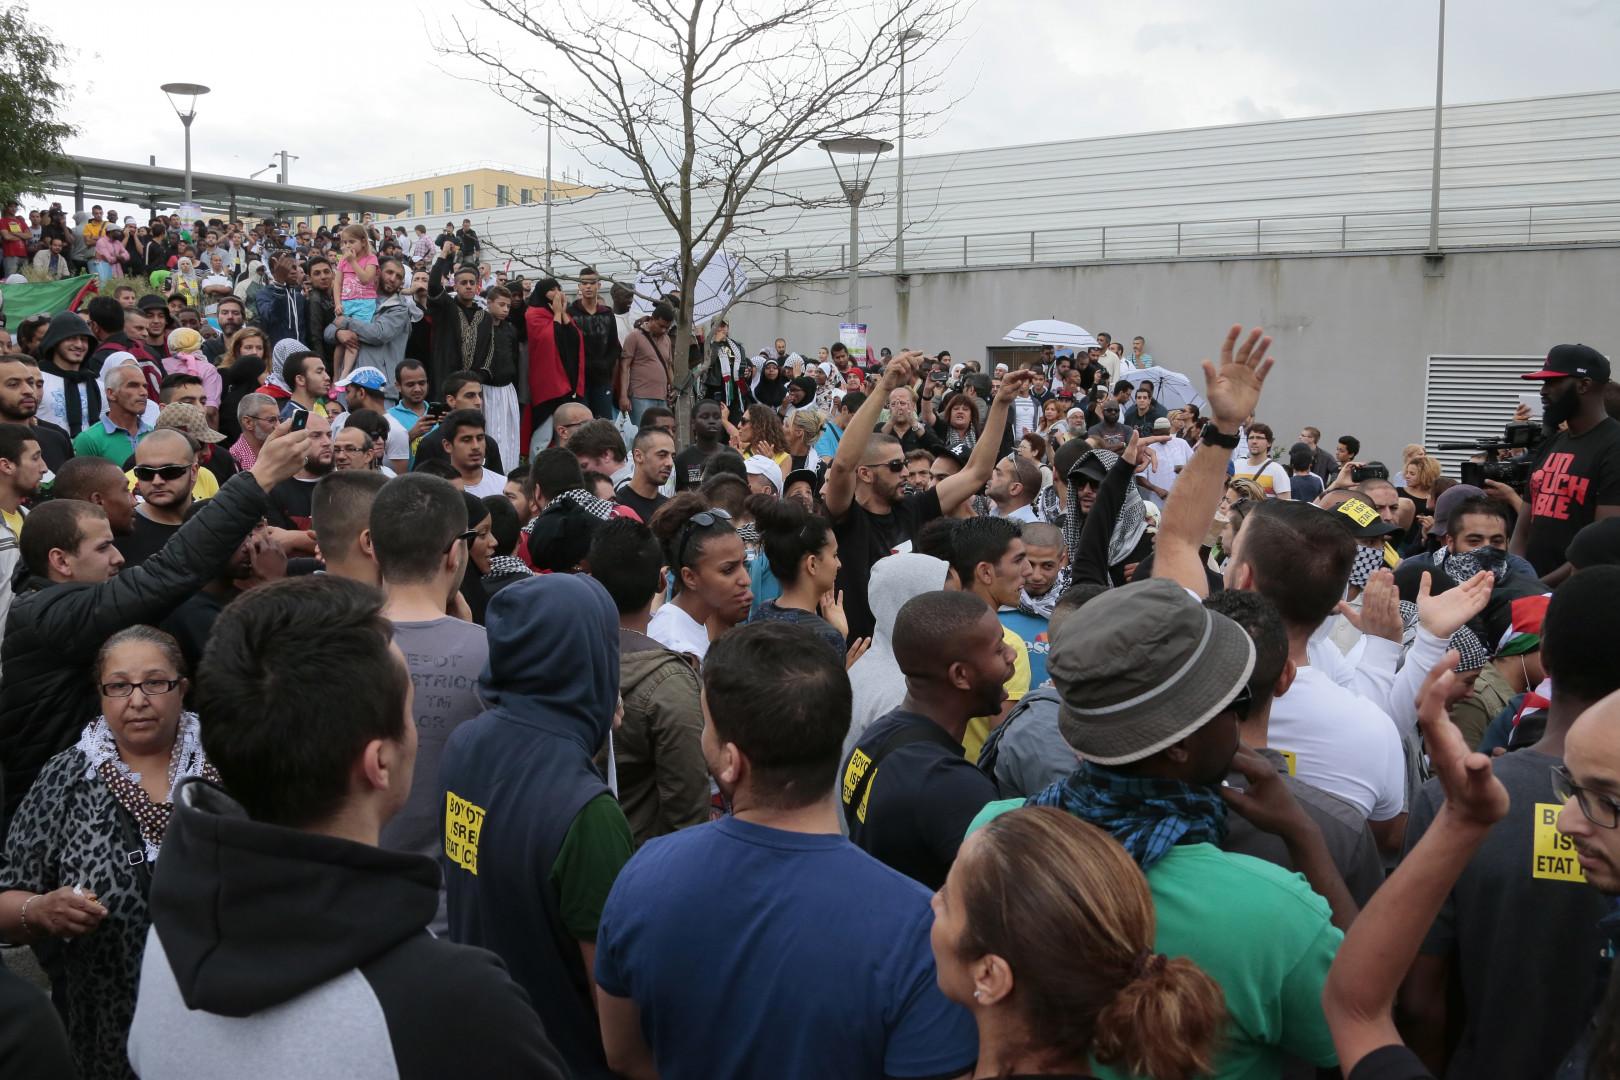 La mairie avait décidé d'interdire le défilé pro-palestinien car un rassemblement pro-israélien avait été prévu au même endroit